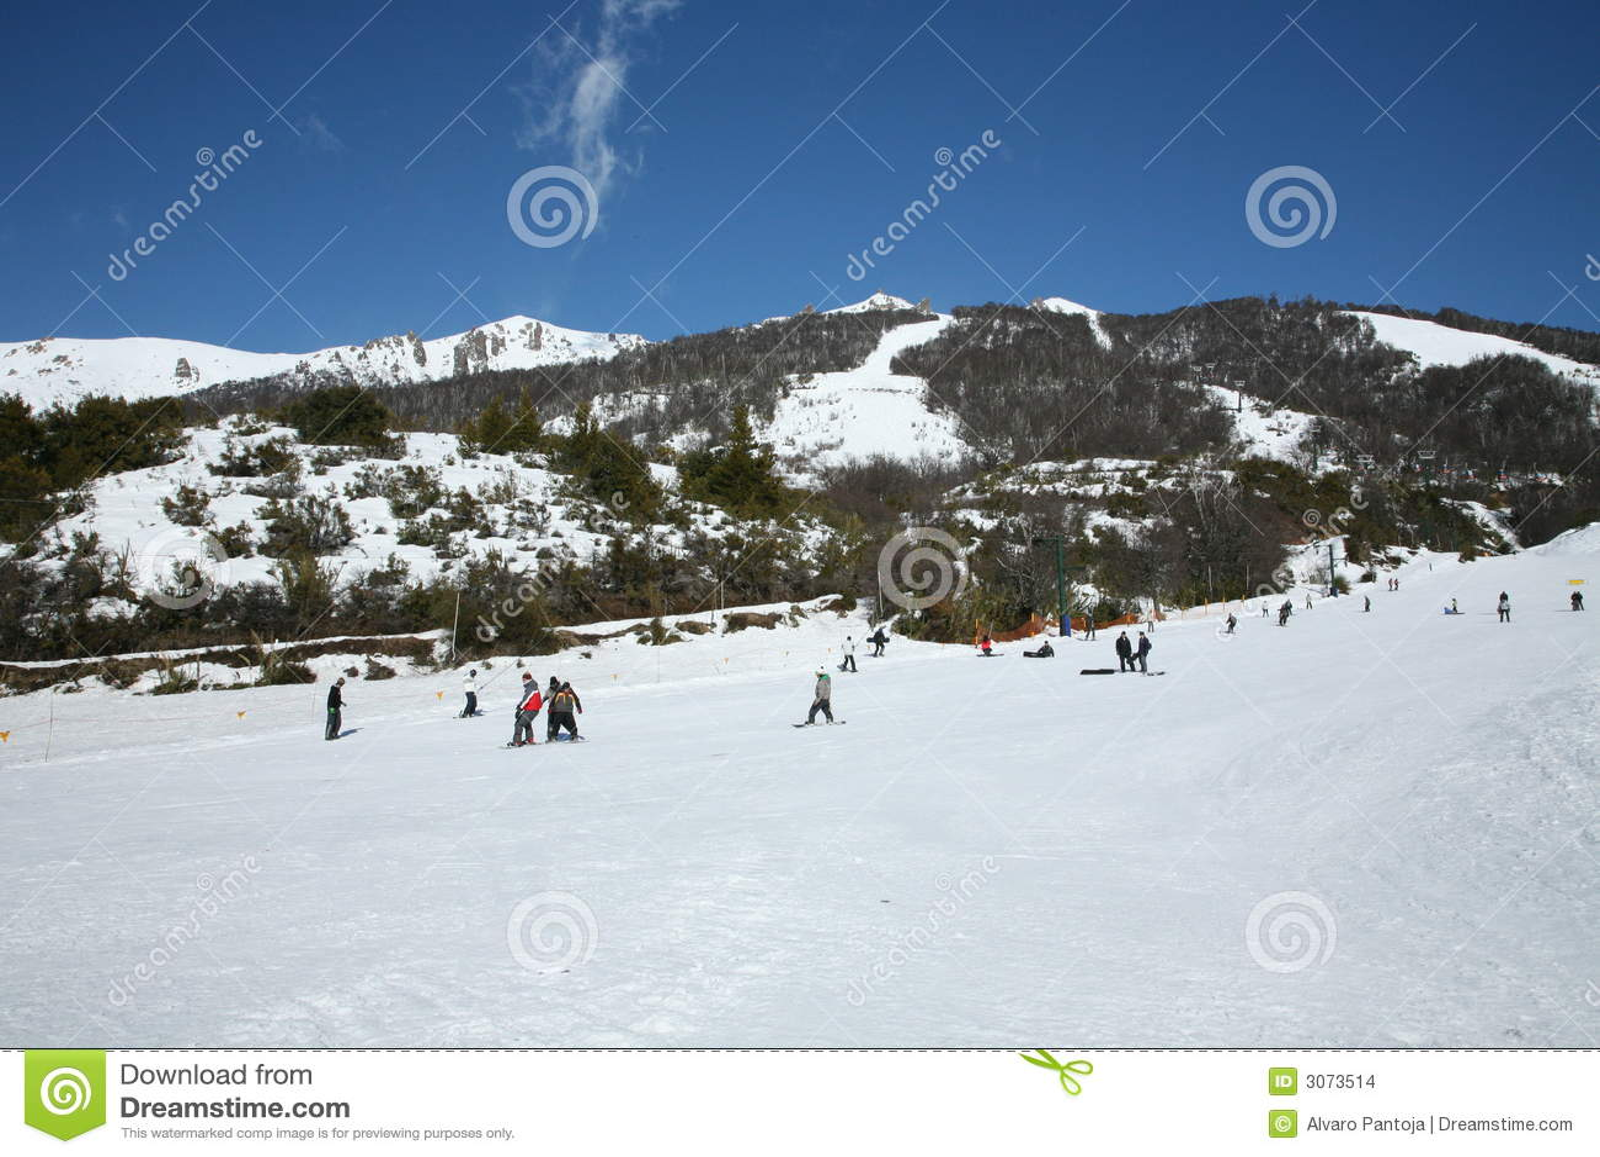 Overvolle skitoevlucht